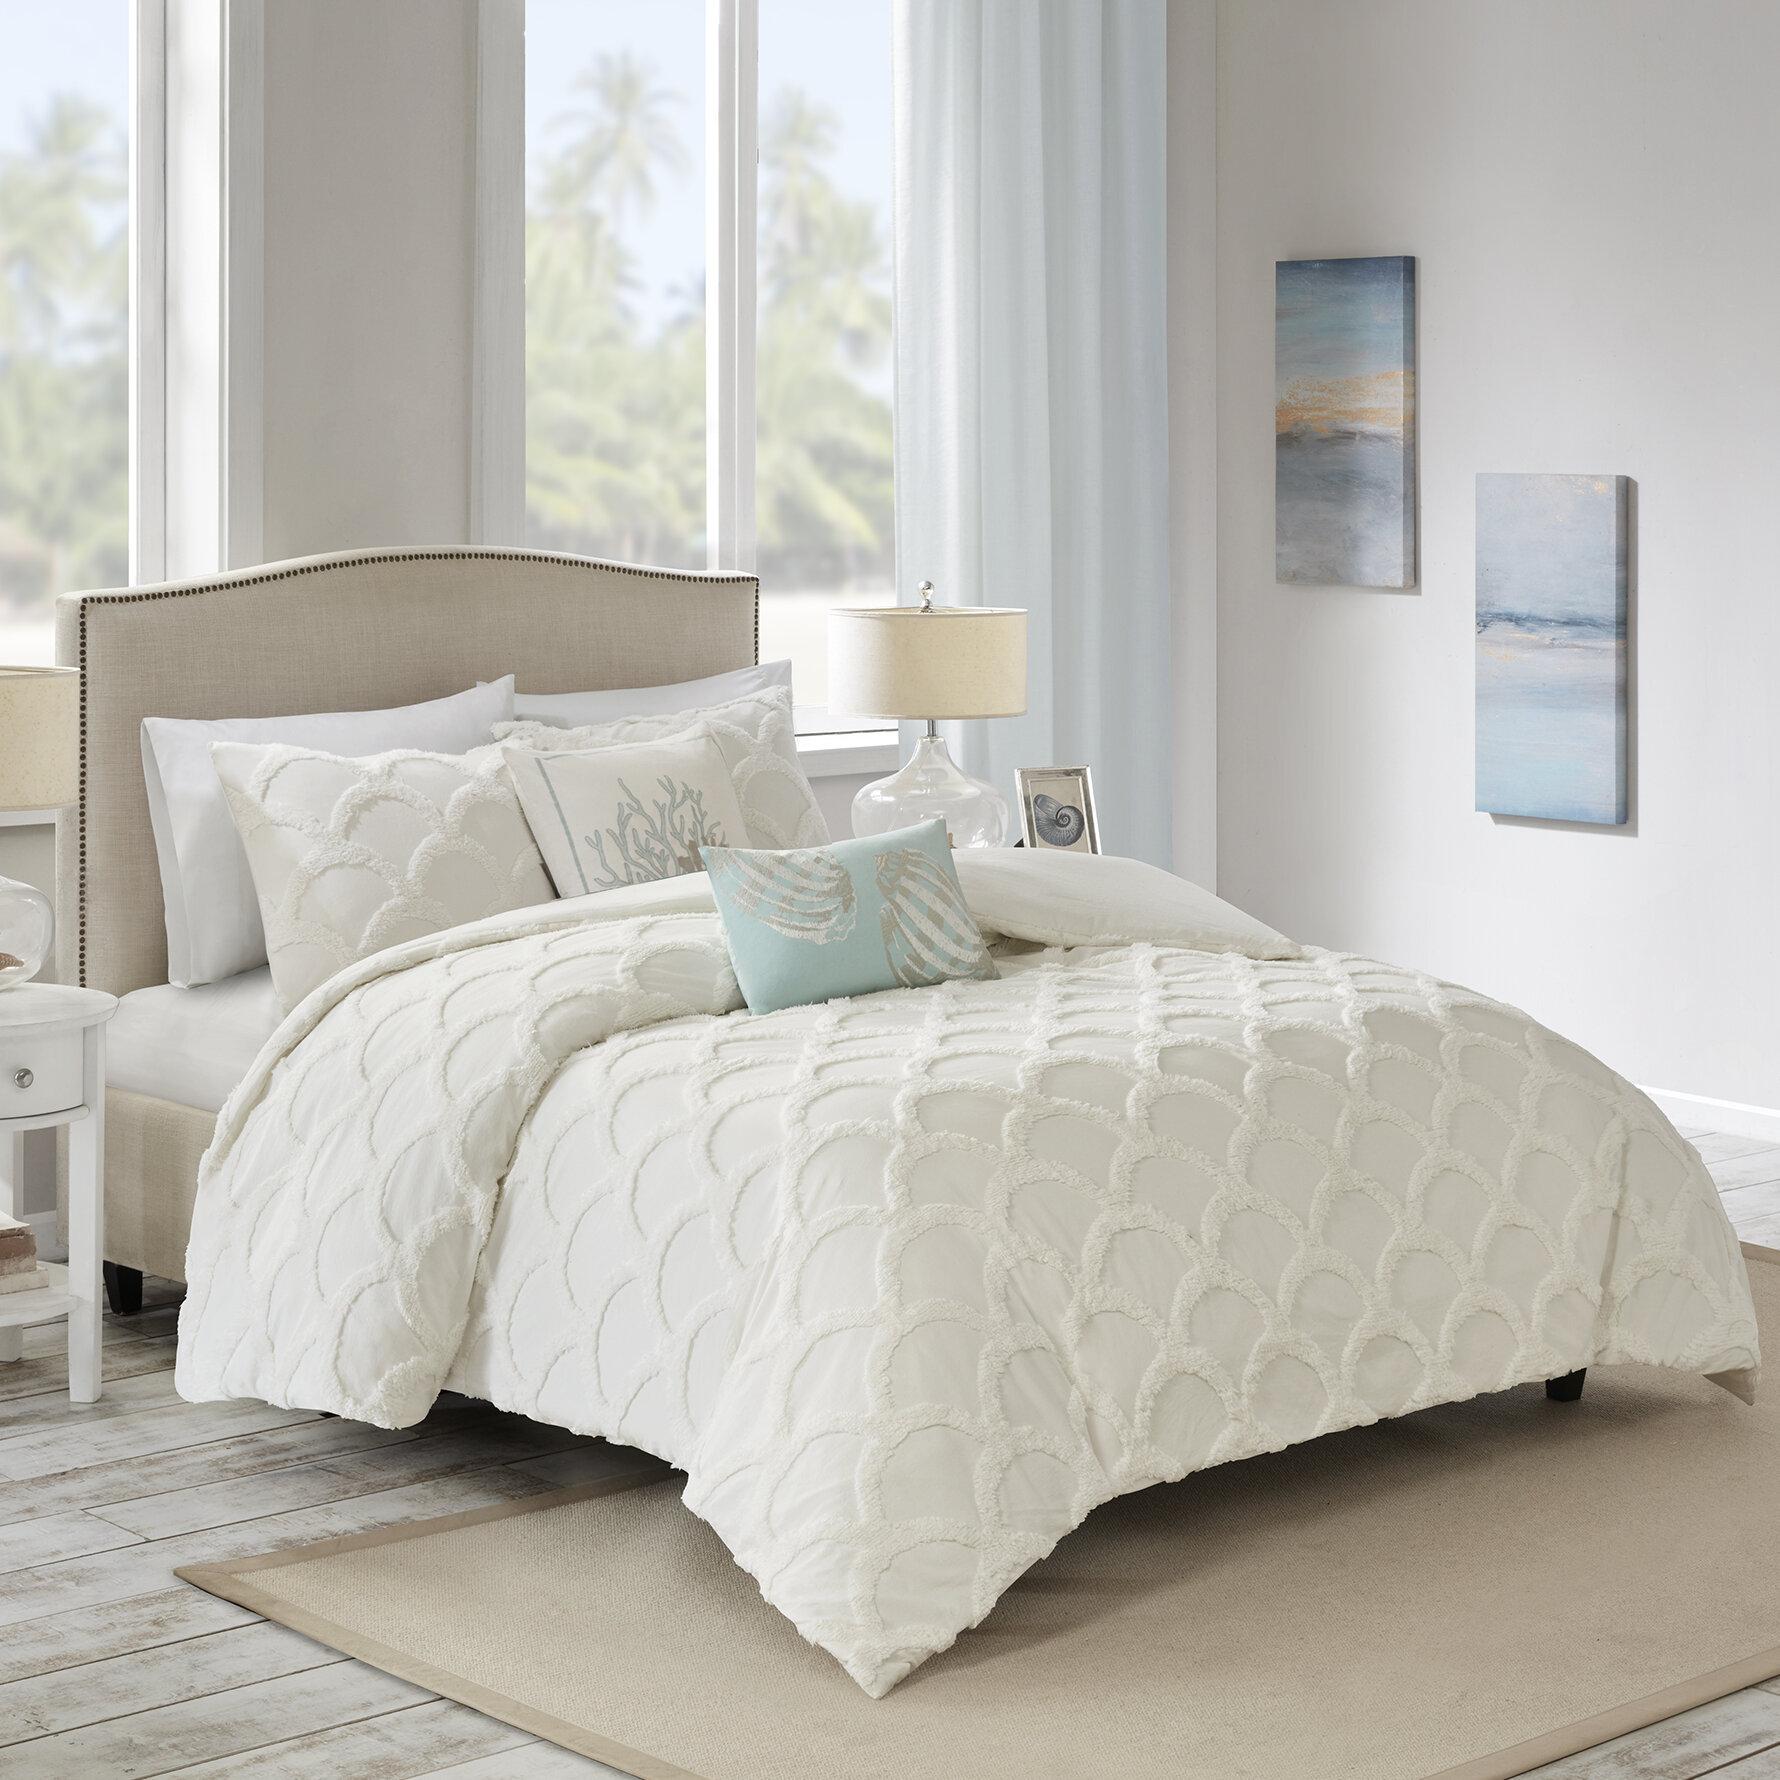 duvet htm lanai luxury bed matouk scallop linens p cover